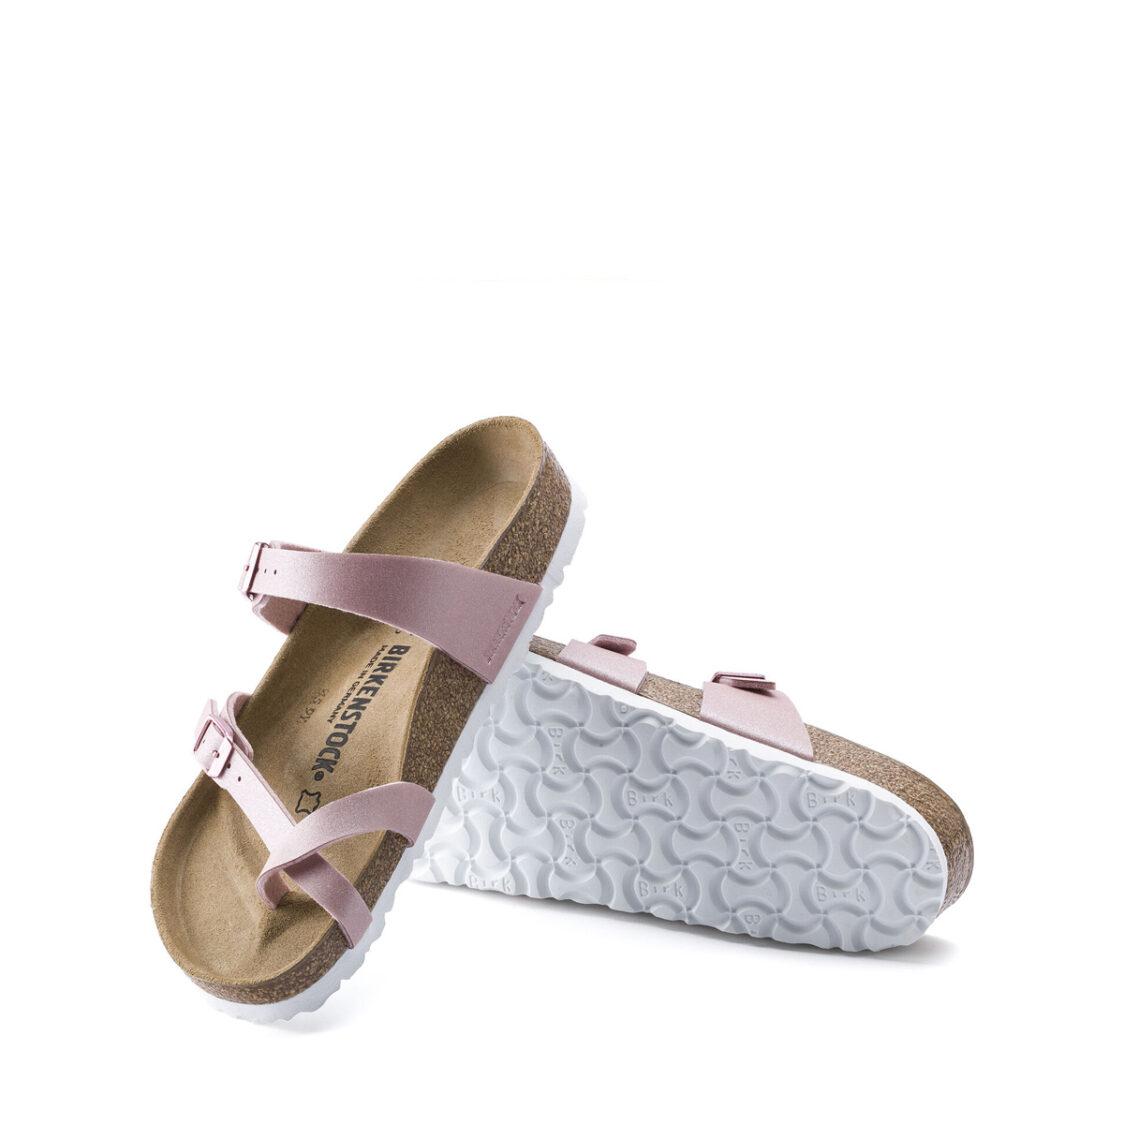 Birkenstock Mayari Birko-Flor Womens Regular Width Sandals Icy Metallic Old Rose